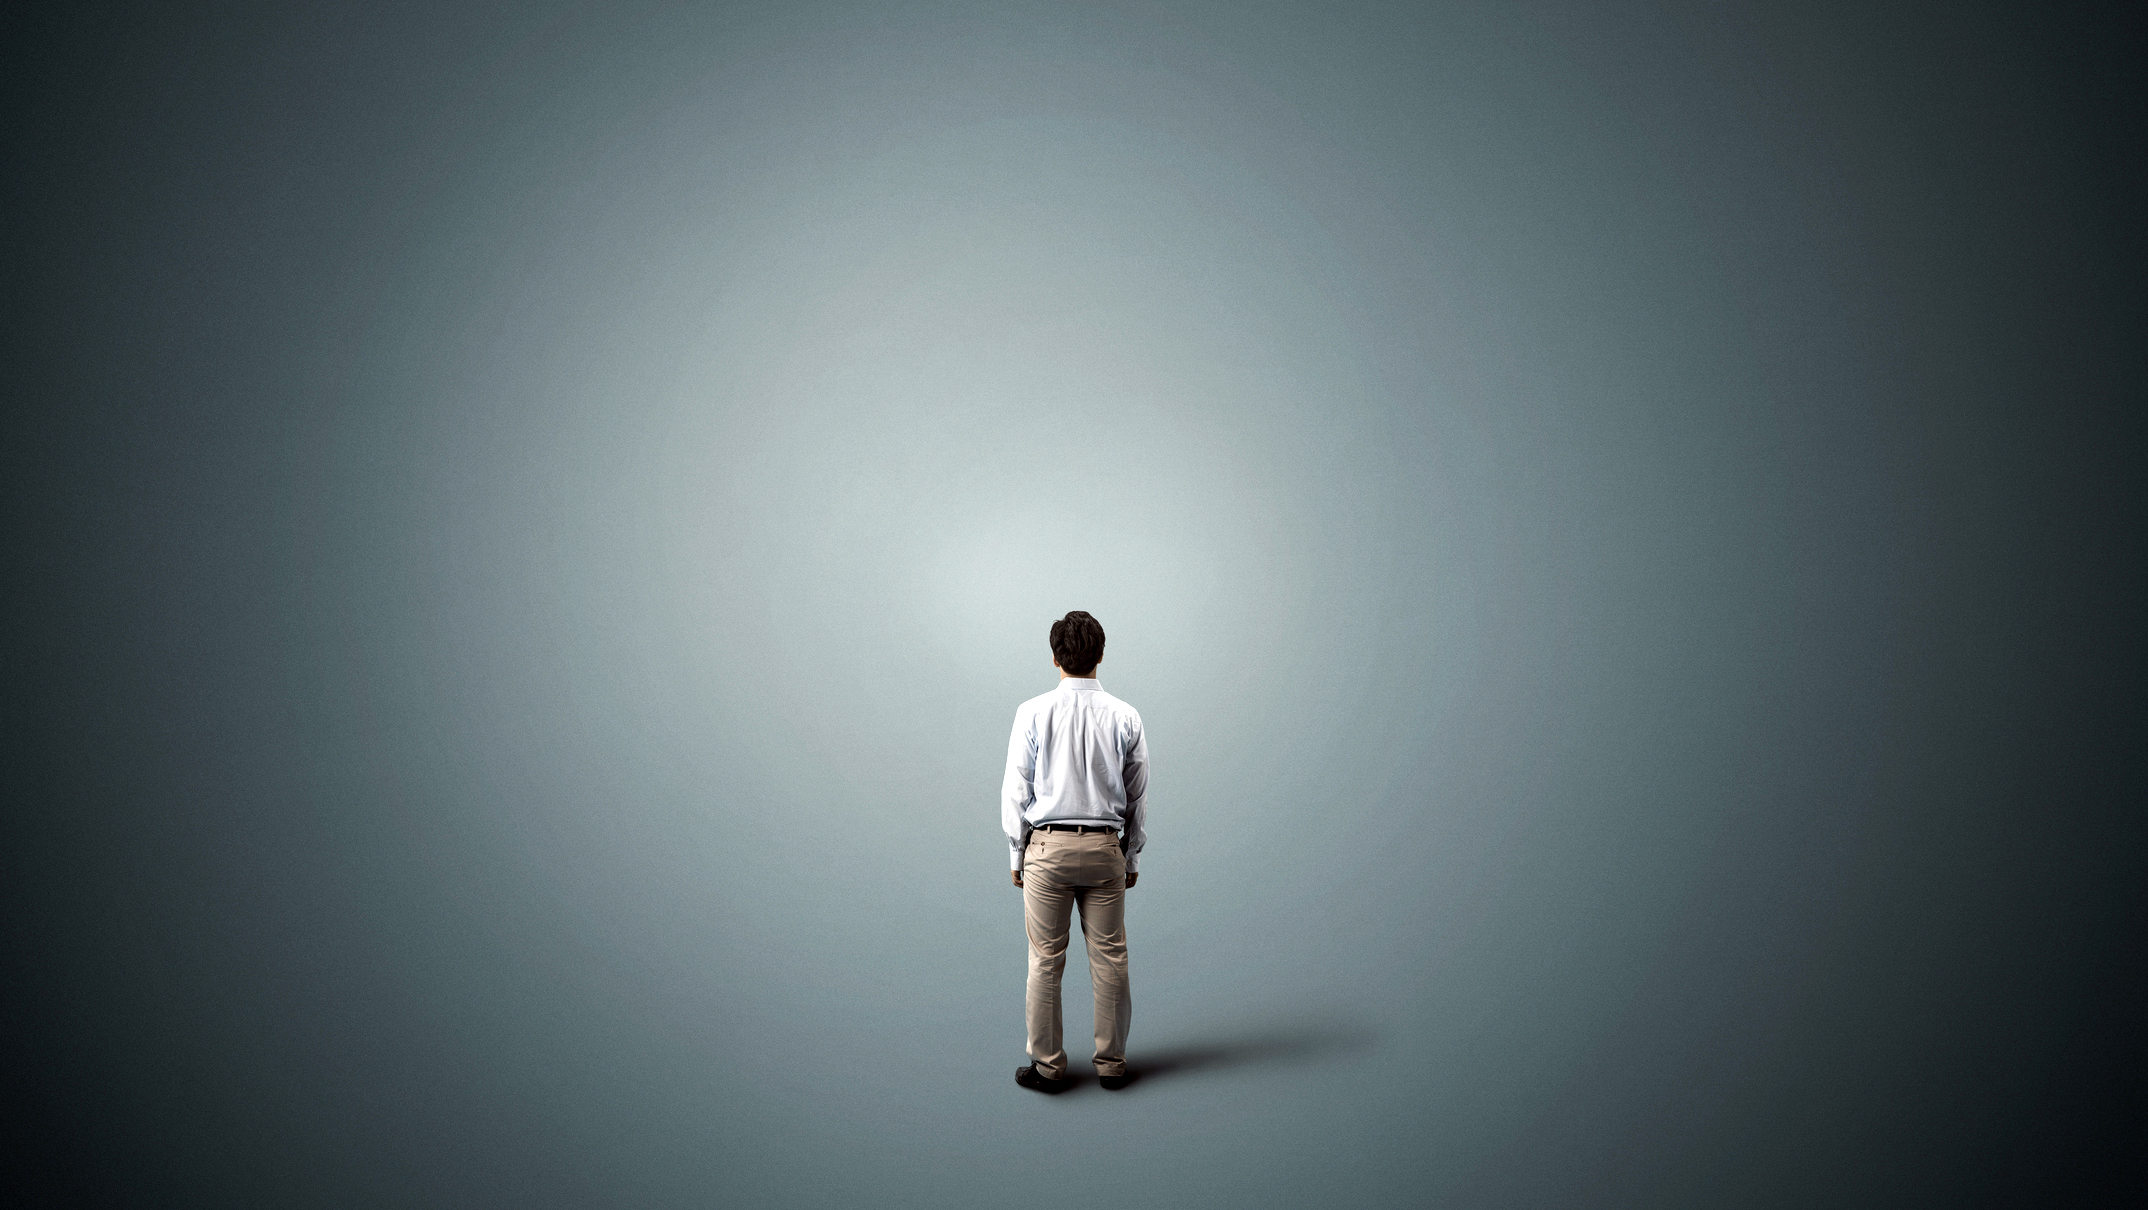 成功者 孤高 孤独